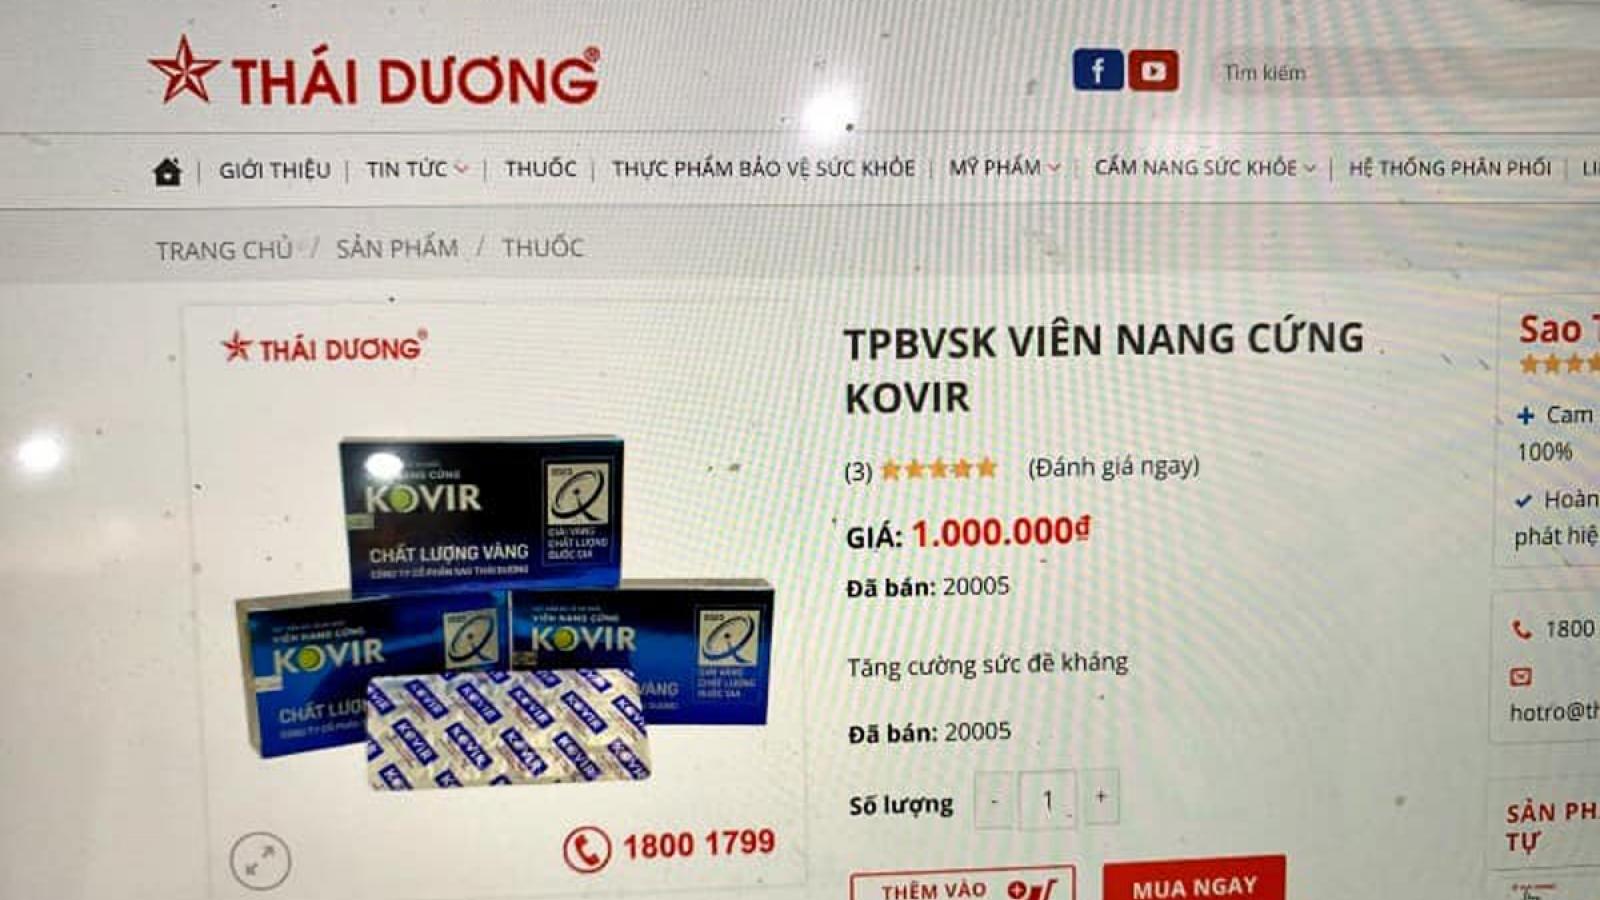 Thuốc Kovir tăng giá chóng mặt sau khi lọt danh sách 12 sản phẩm hỗ trợ điều trị Covid-19